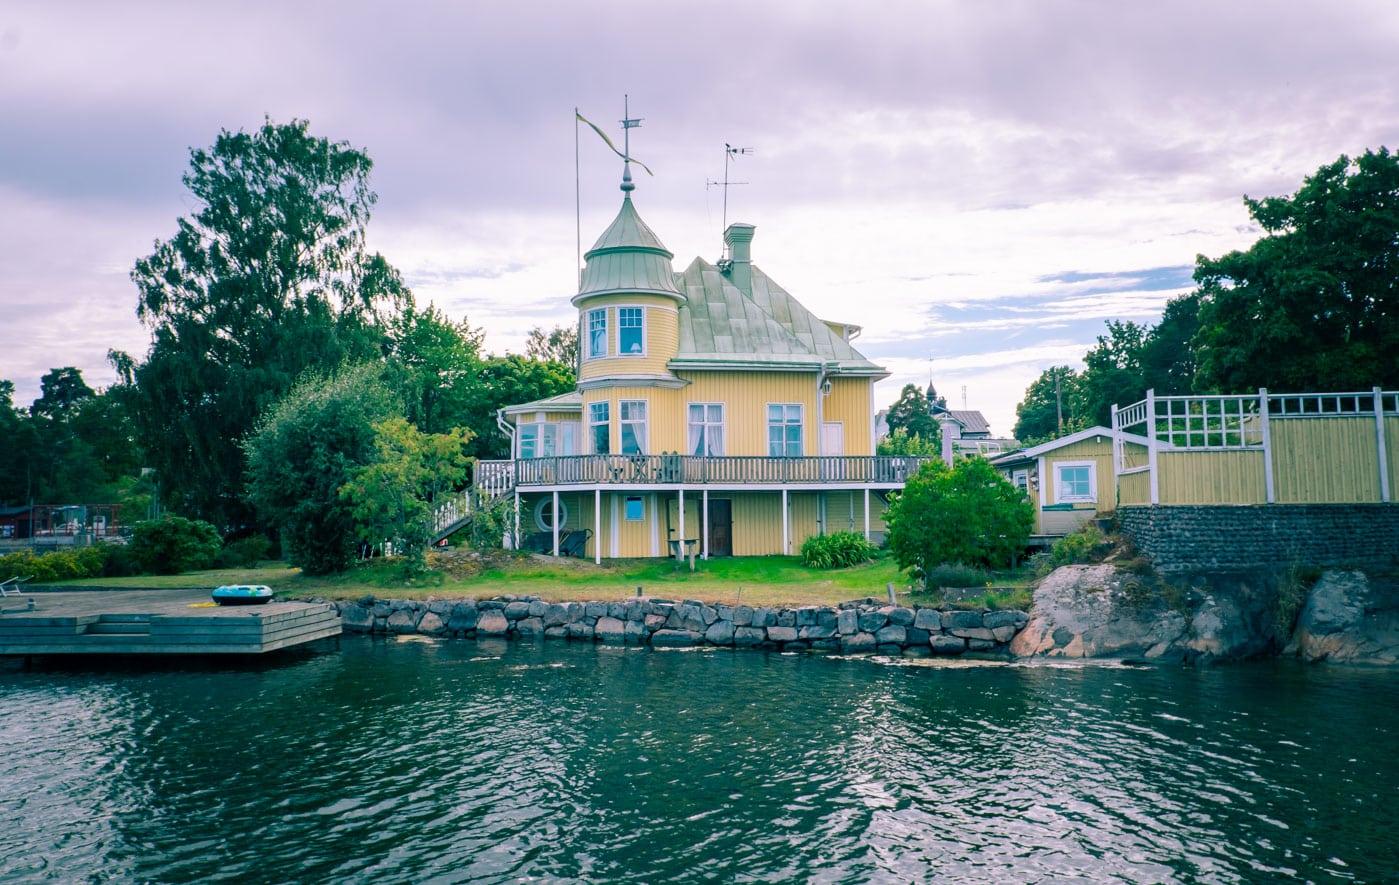 Arkösunds skärgård tips på utflykt från Norrköping